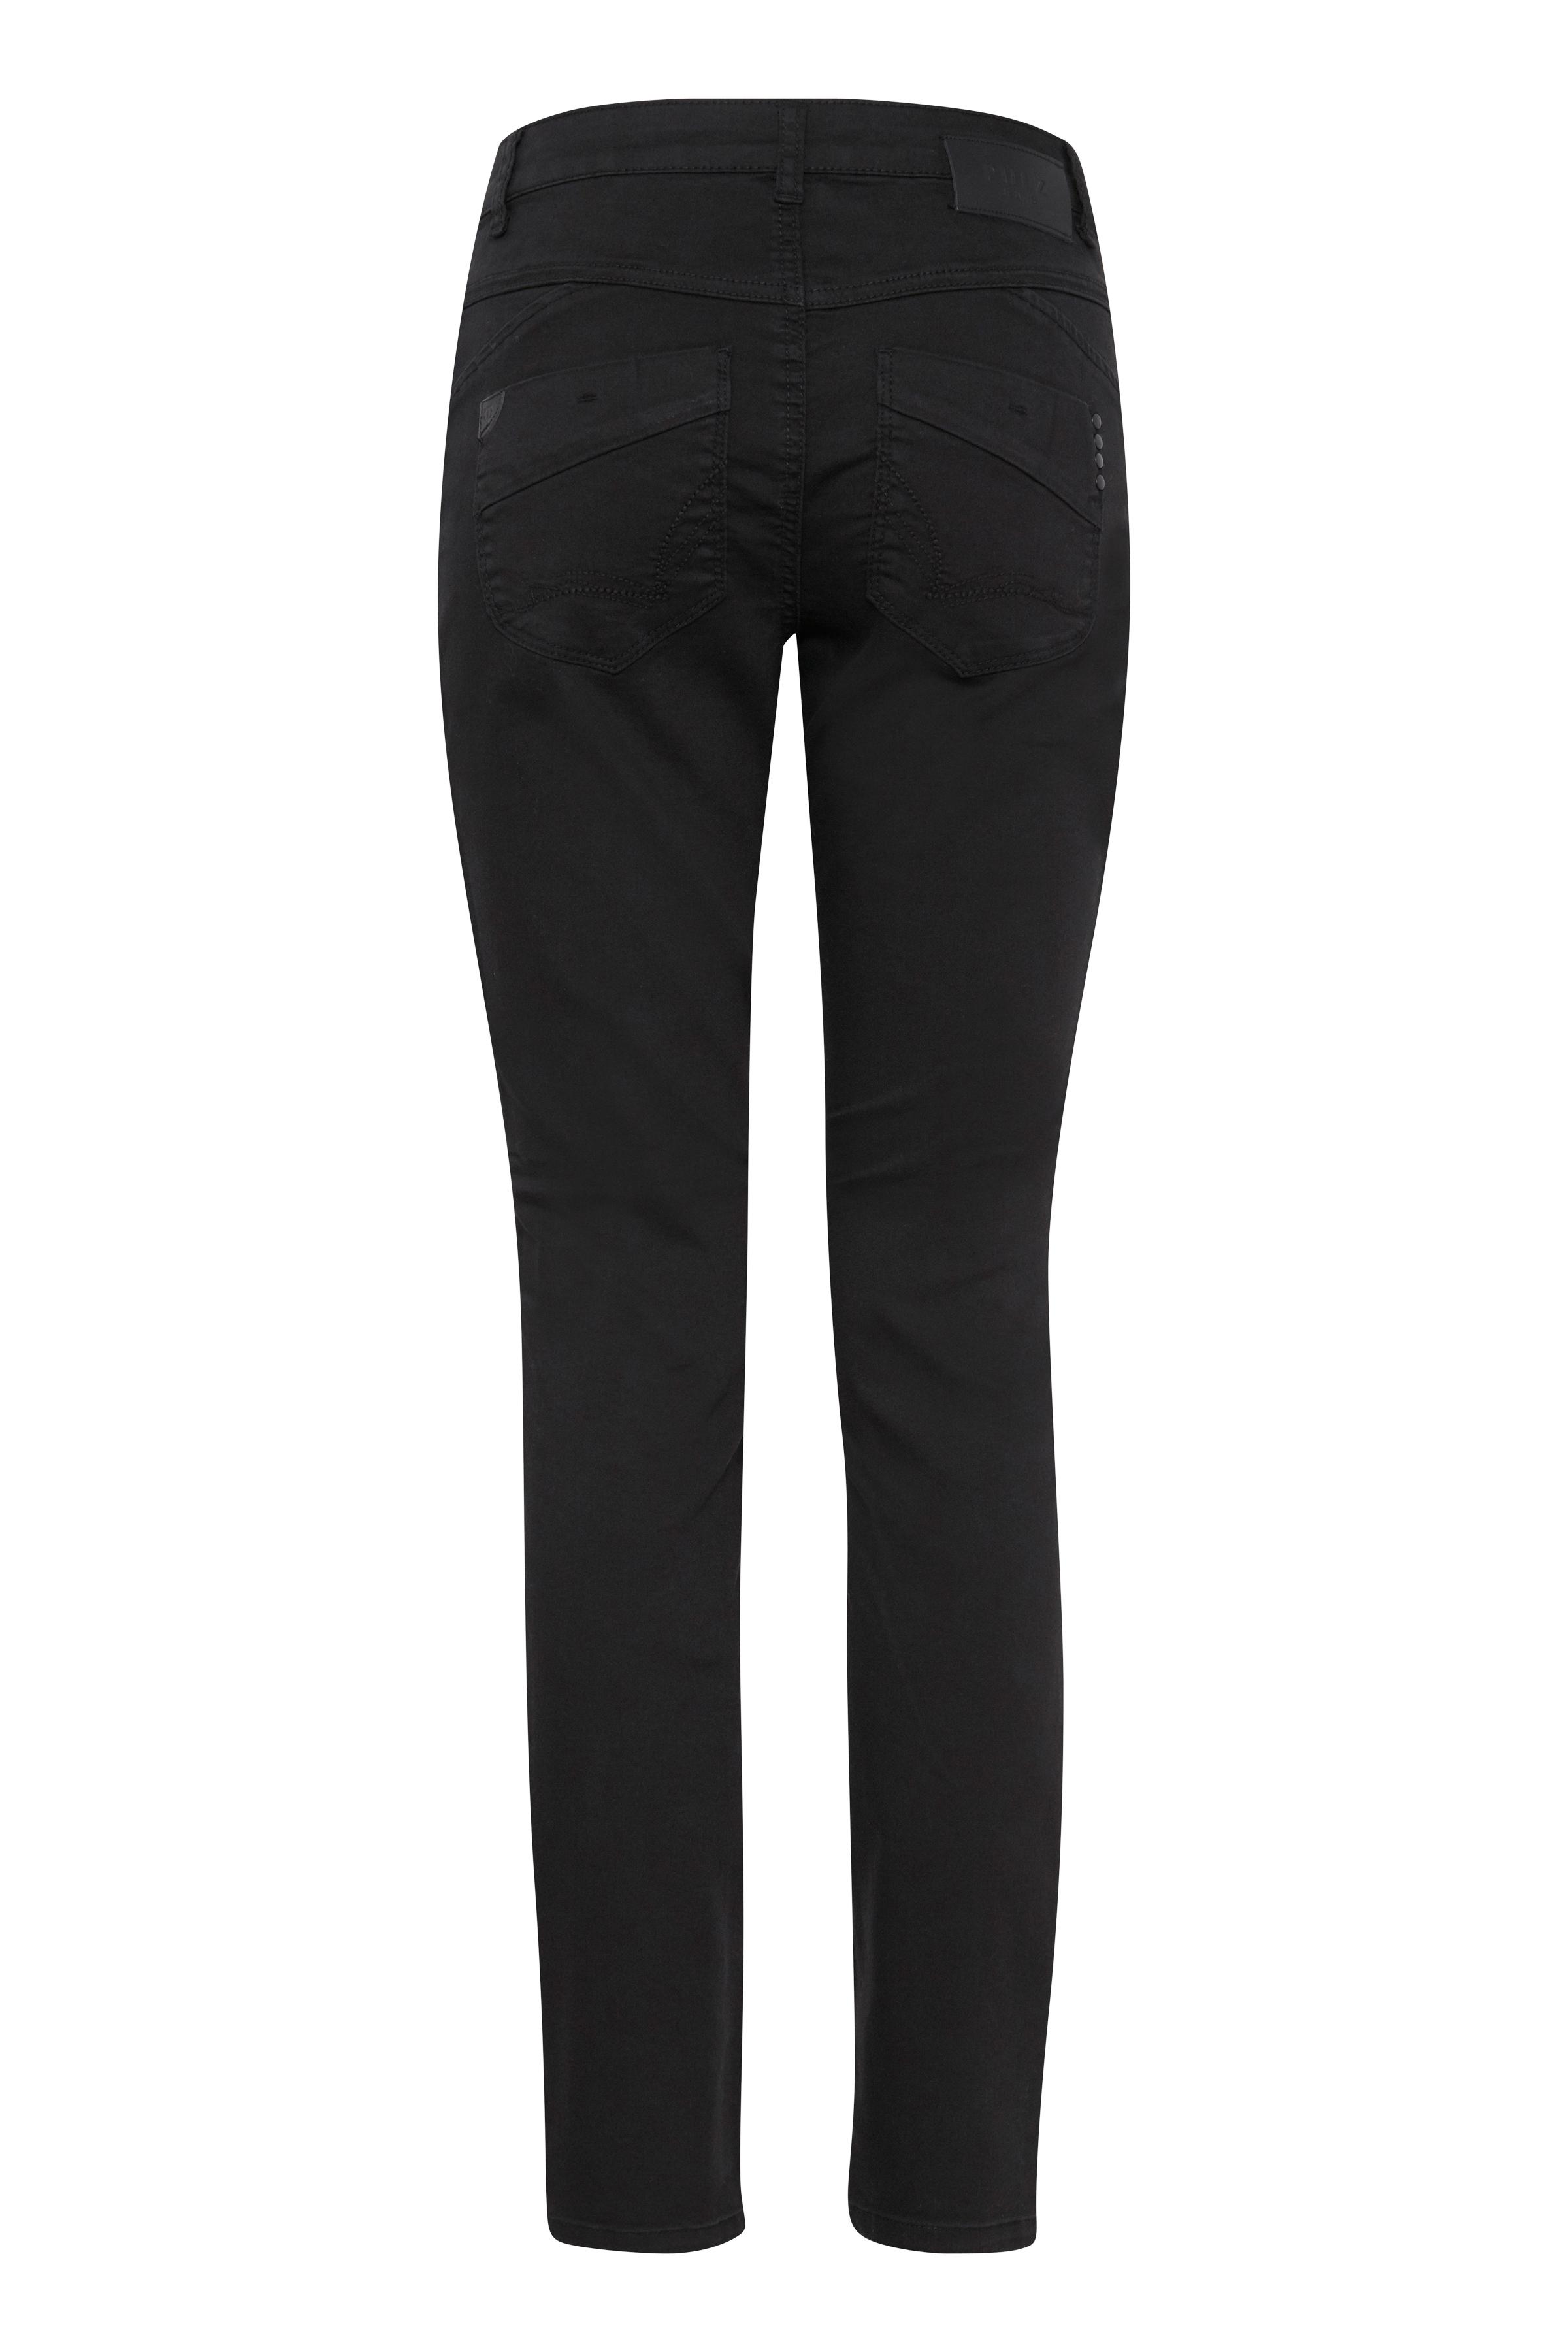 Sort Jeans fra Pulz Jeans – Køb Sort Jeans fra str. 25-35 her